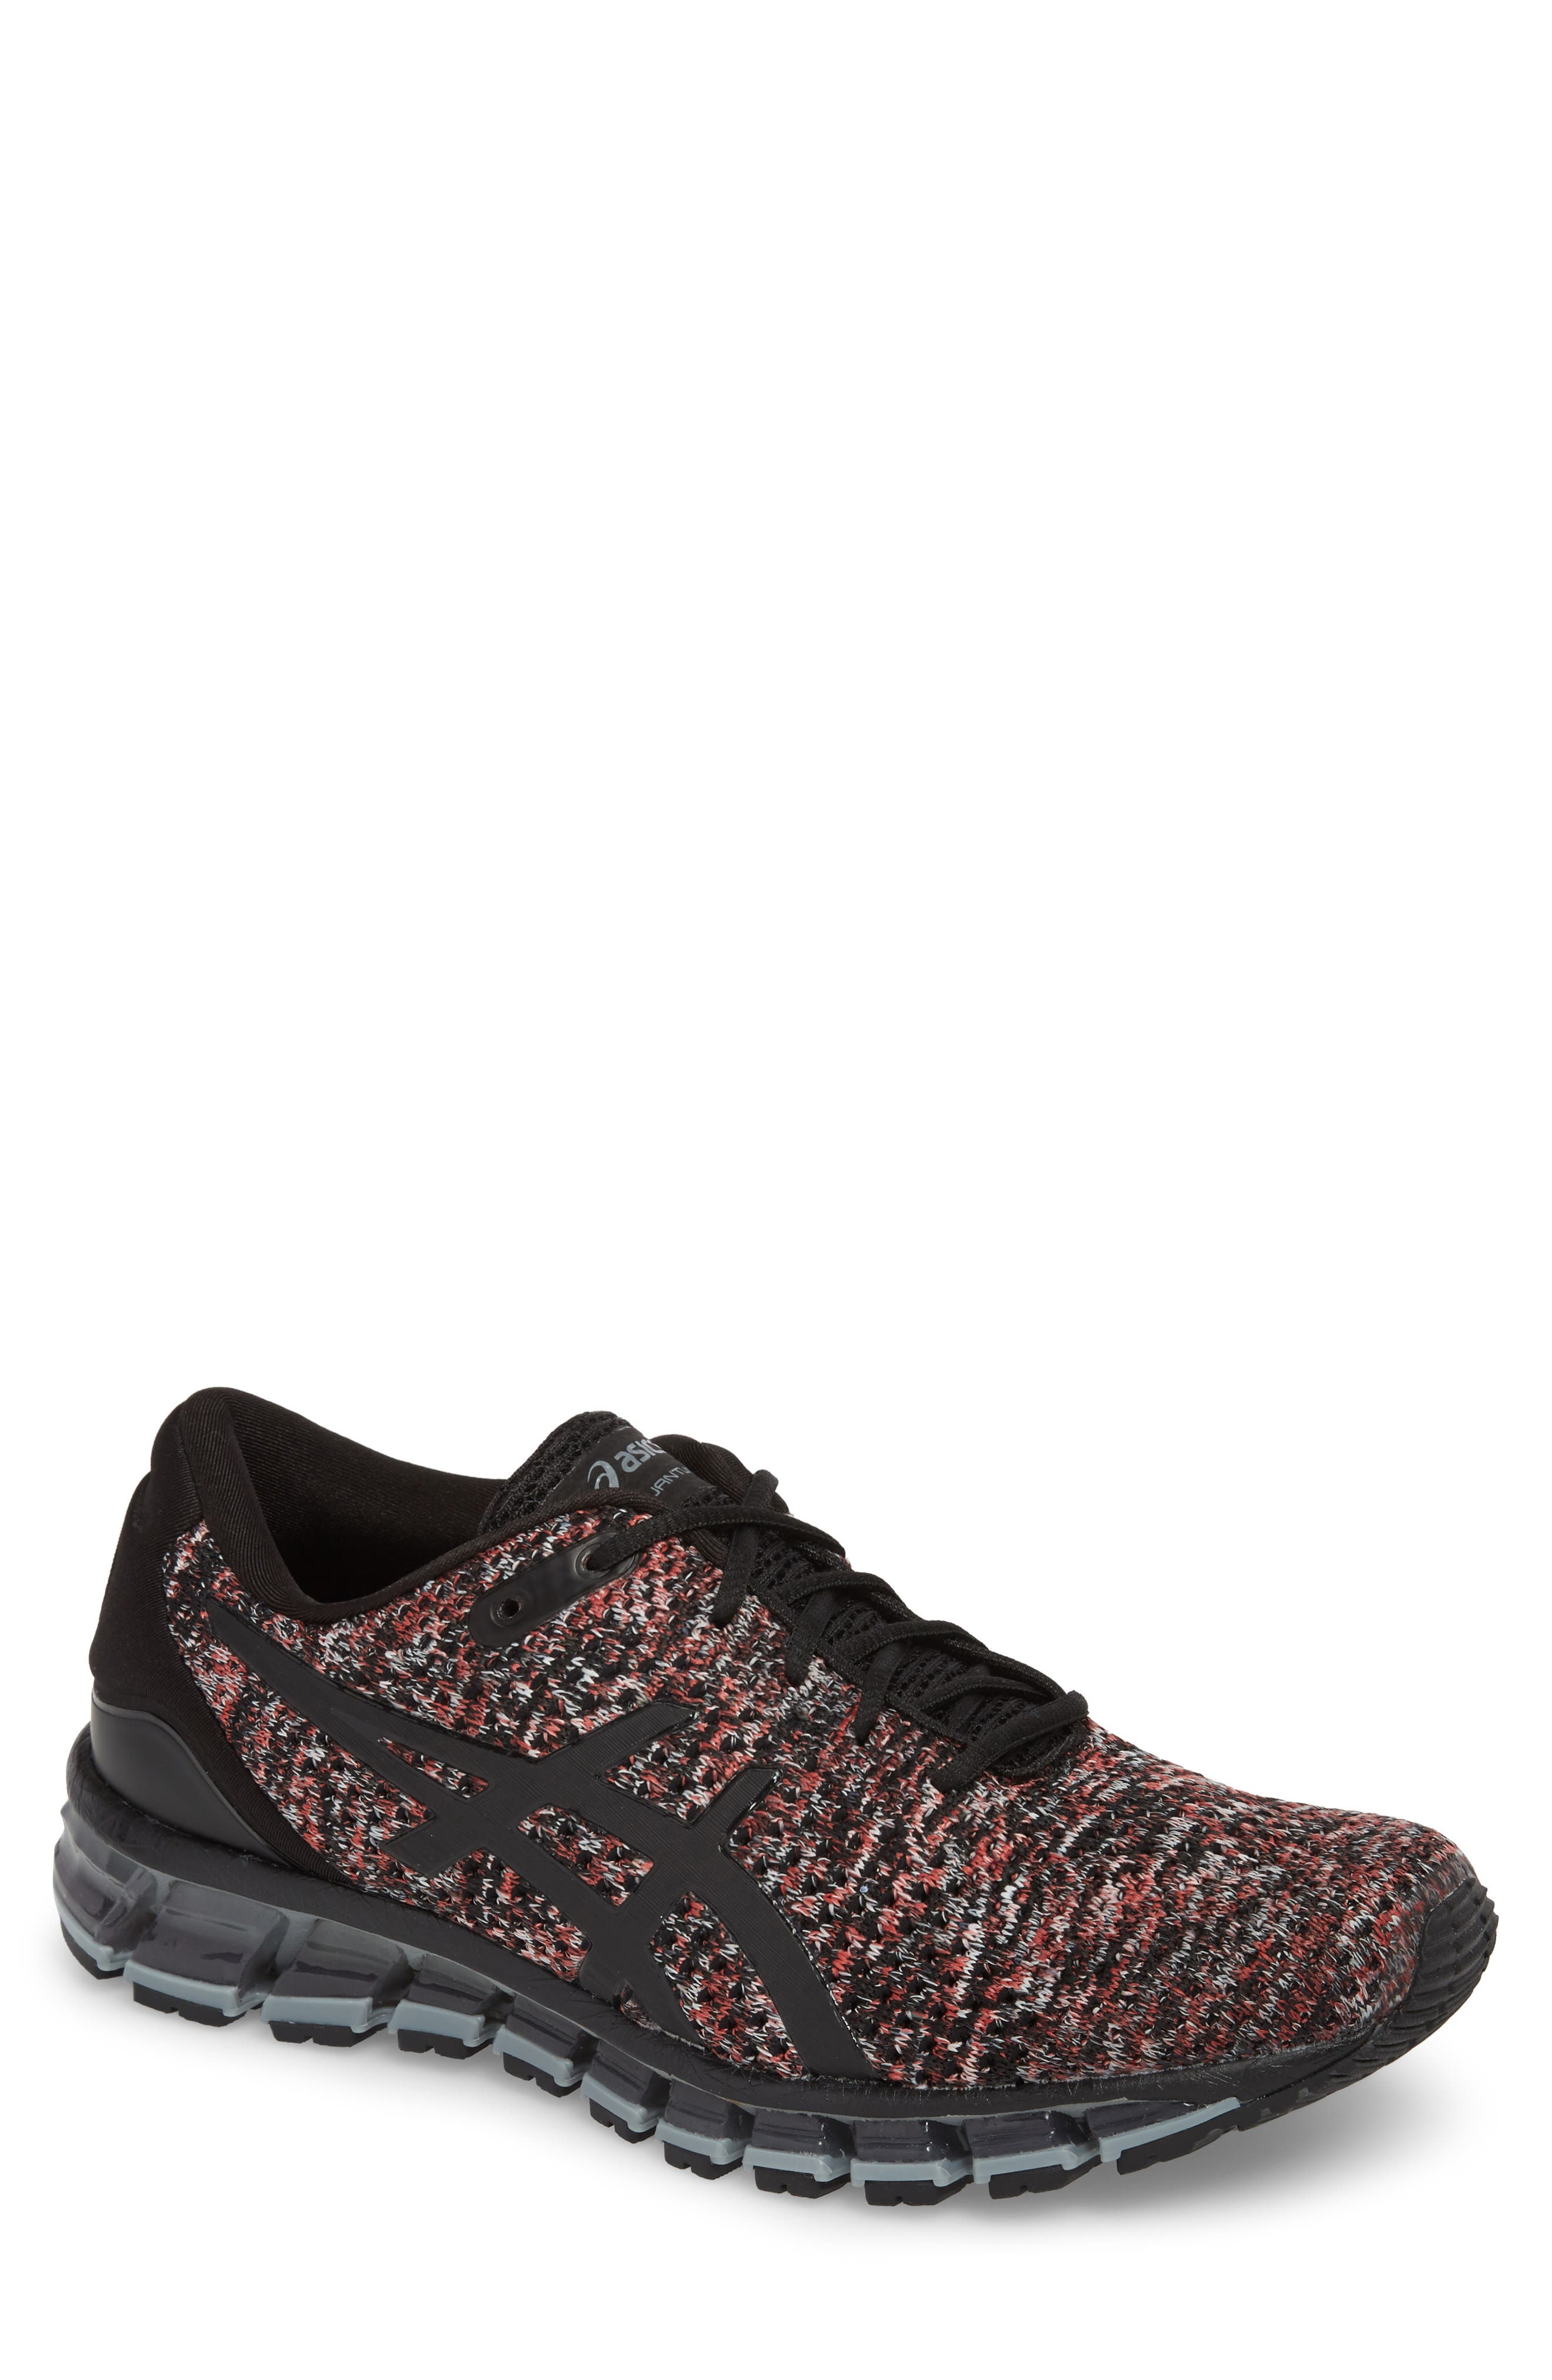 Main Image - ASICS® GEL-Quantum 360 Running Shoe (Men)